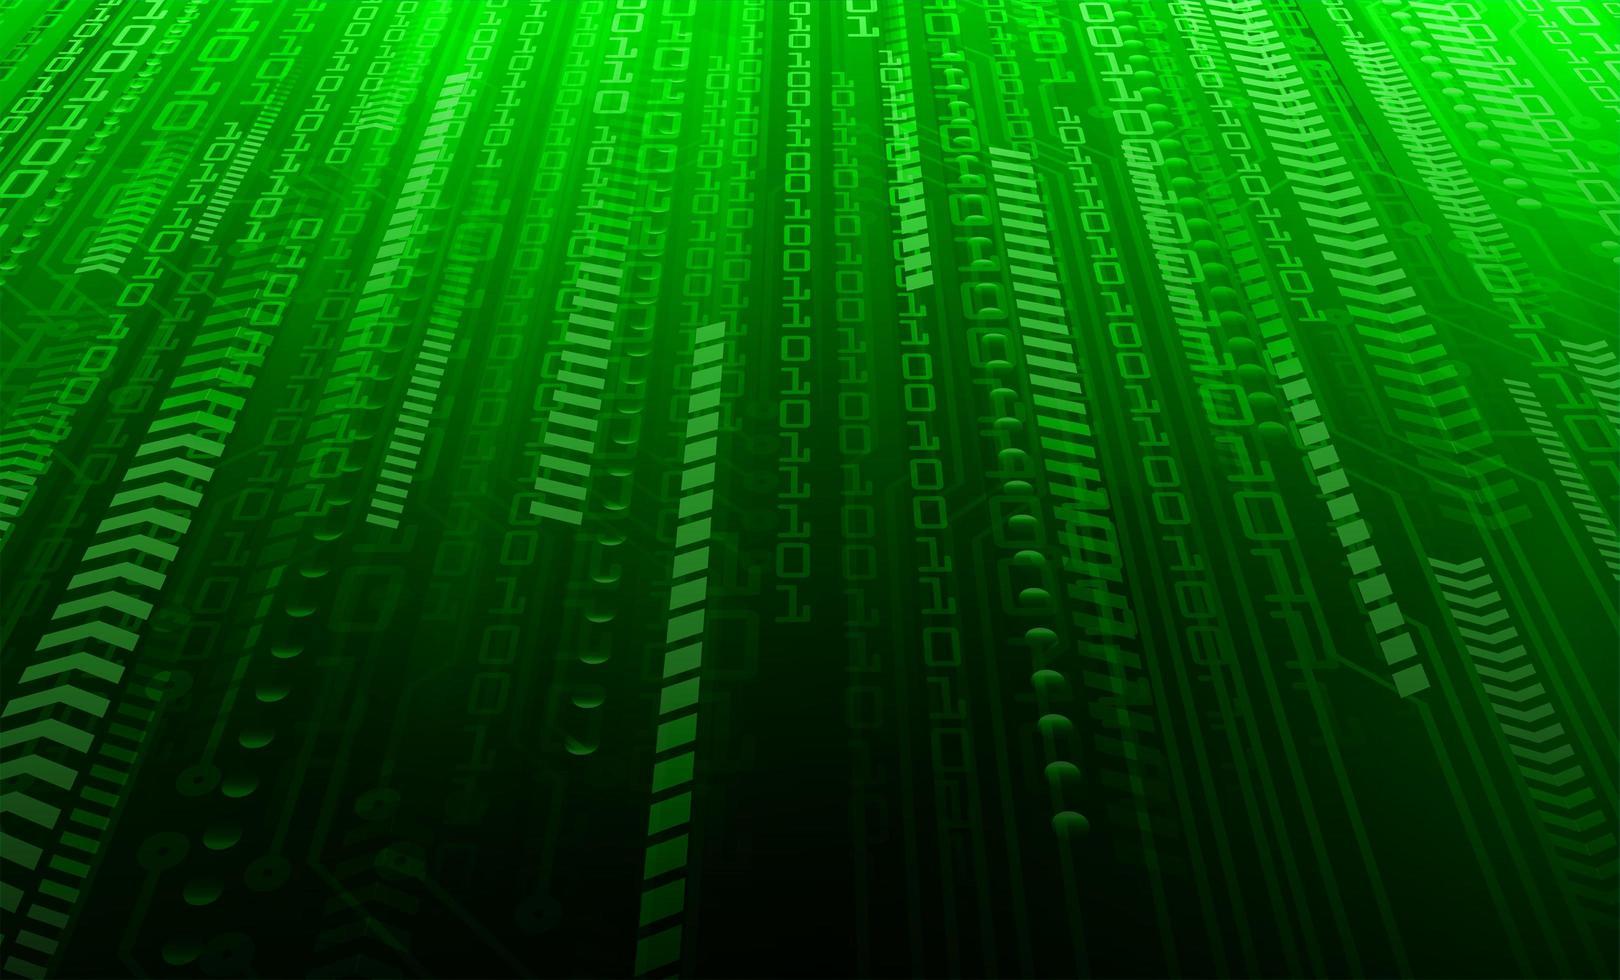 fond de concept de sécurité binaire vert vecteur